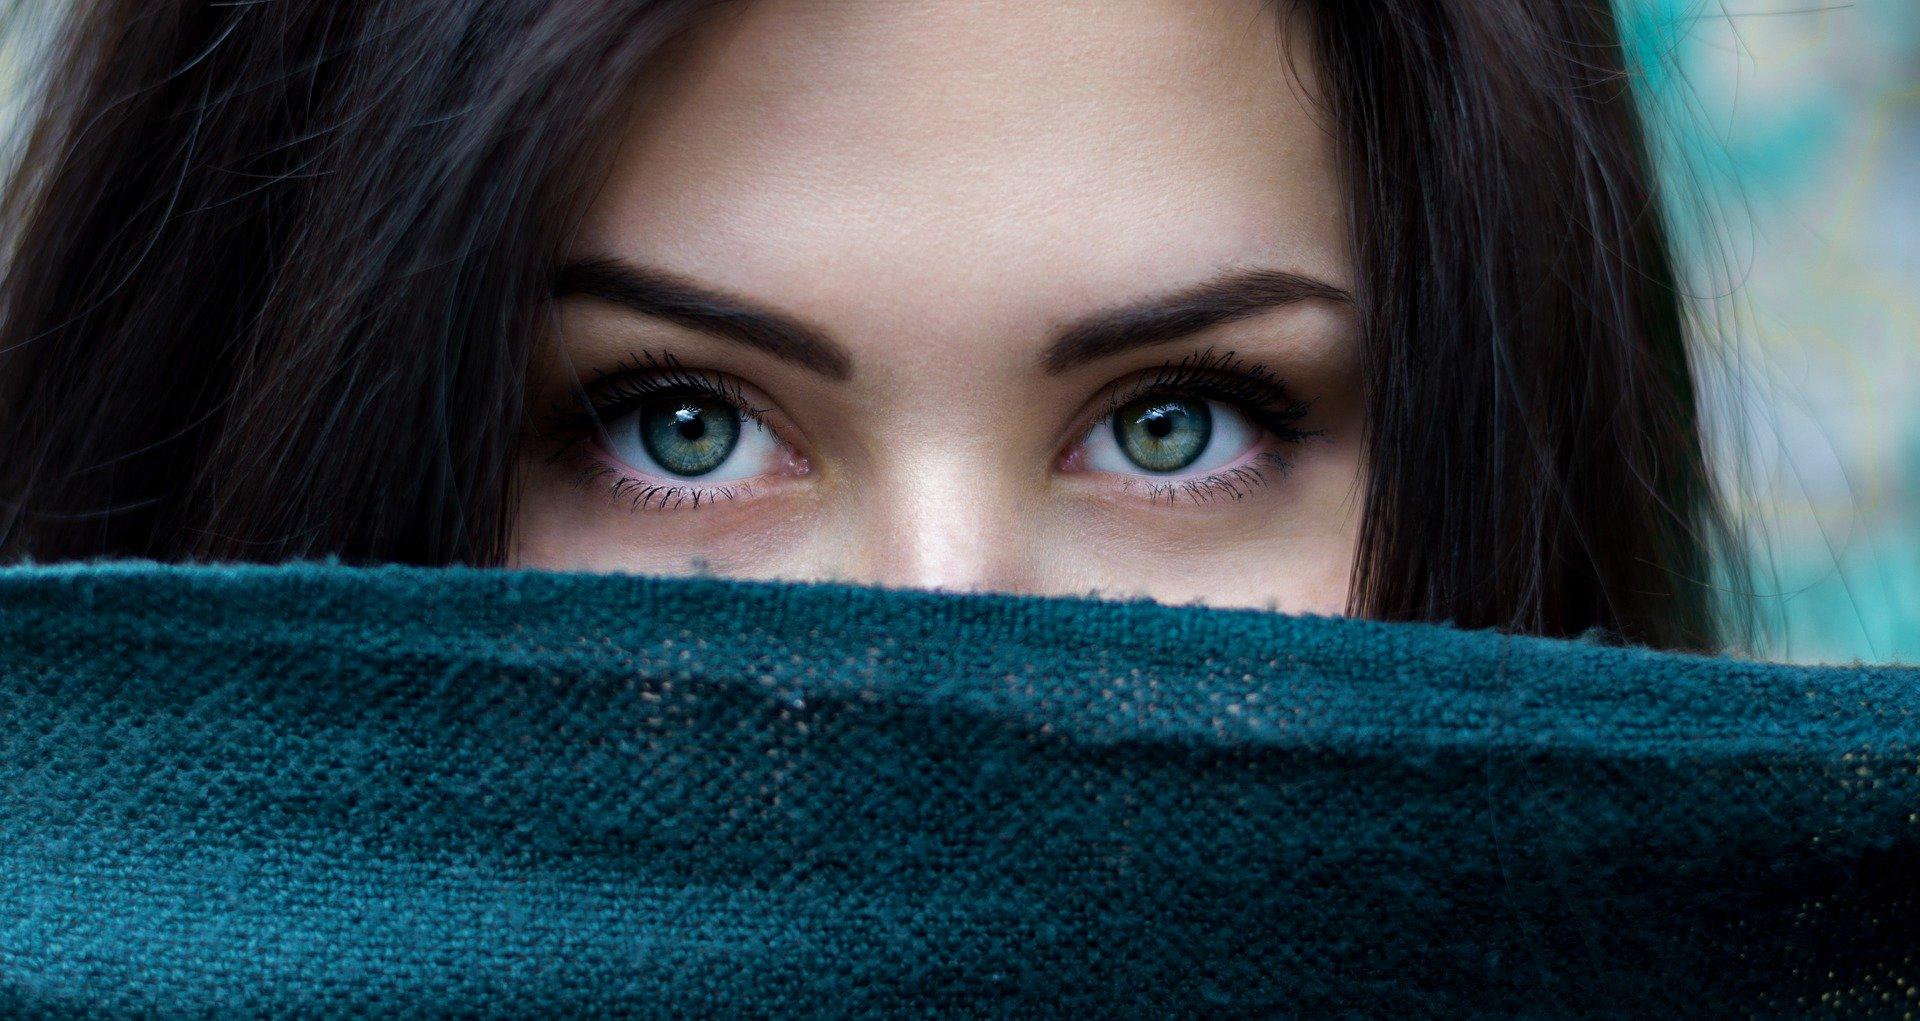 目の下のピクピク、それ「眼瞼ミオキミア」かも